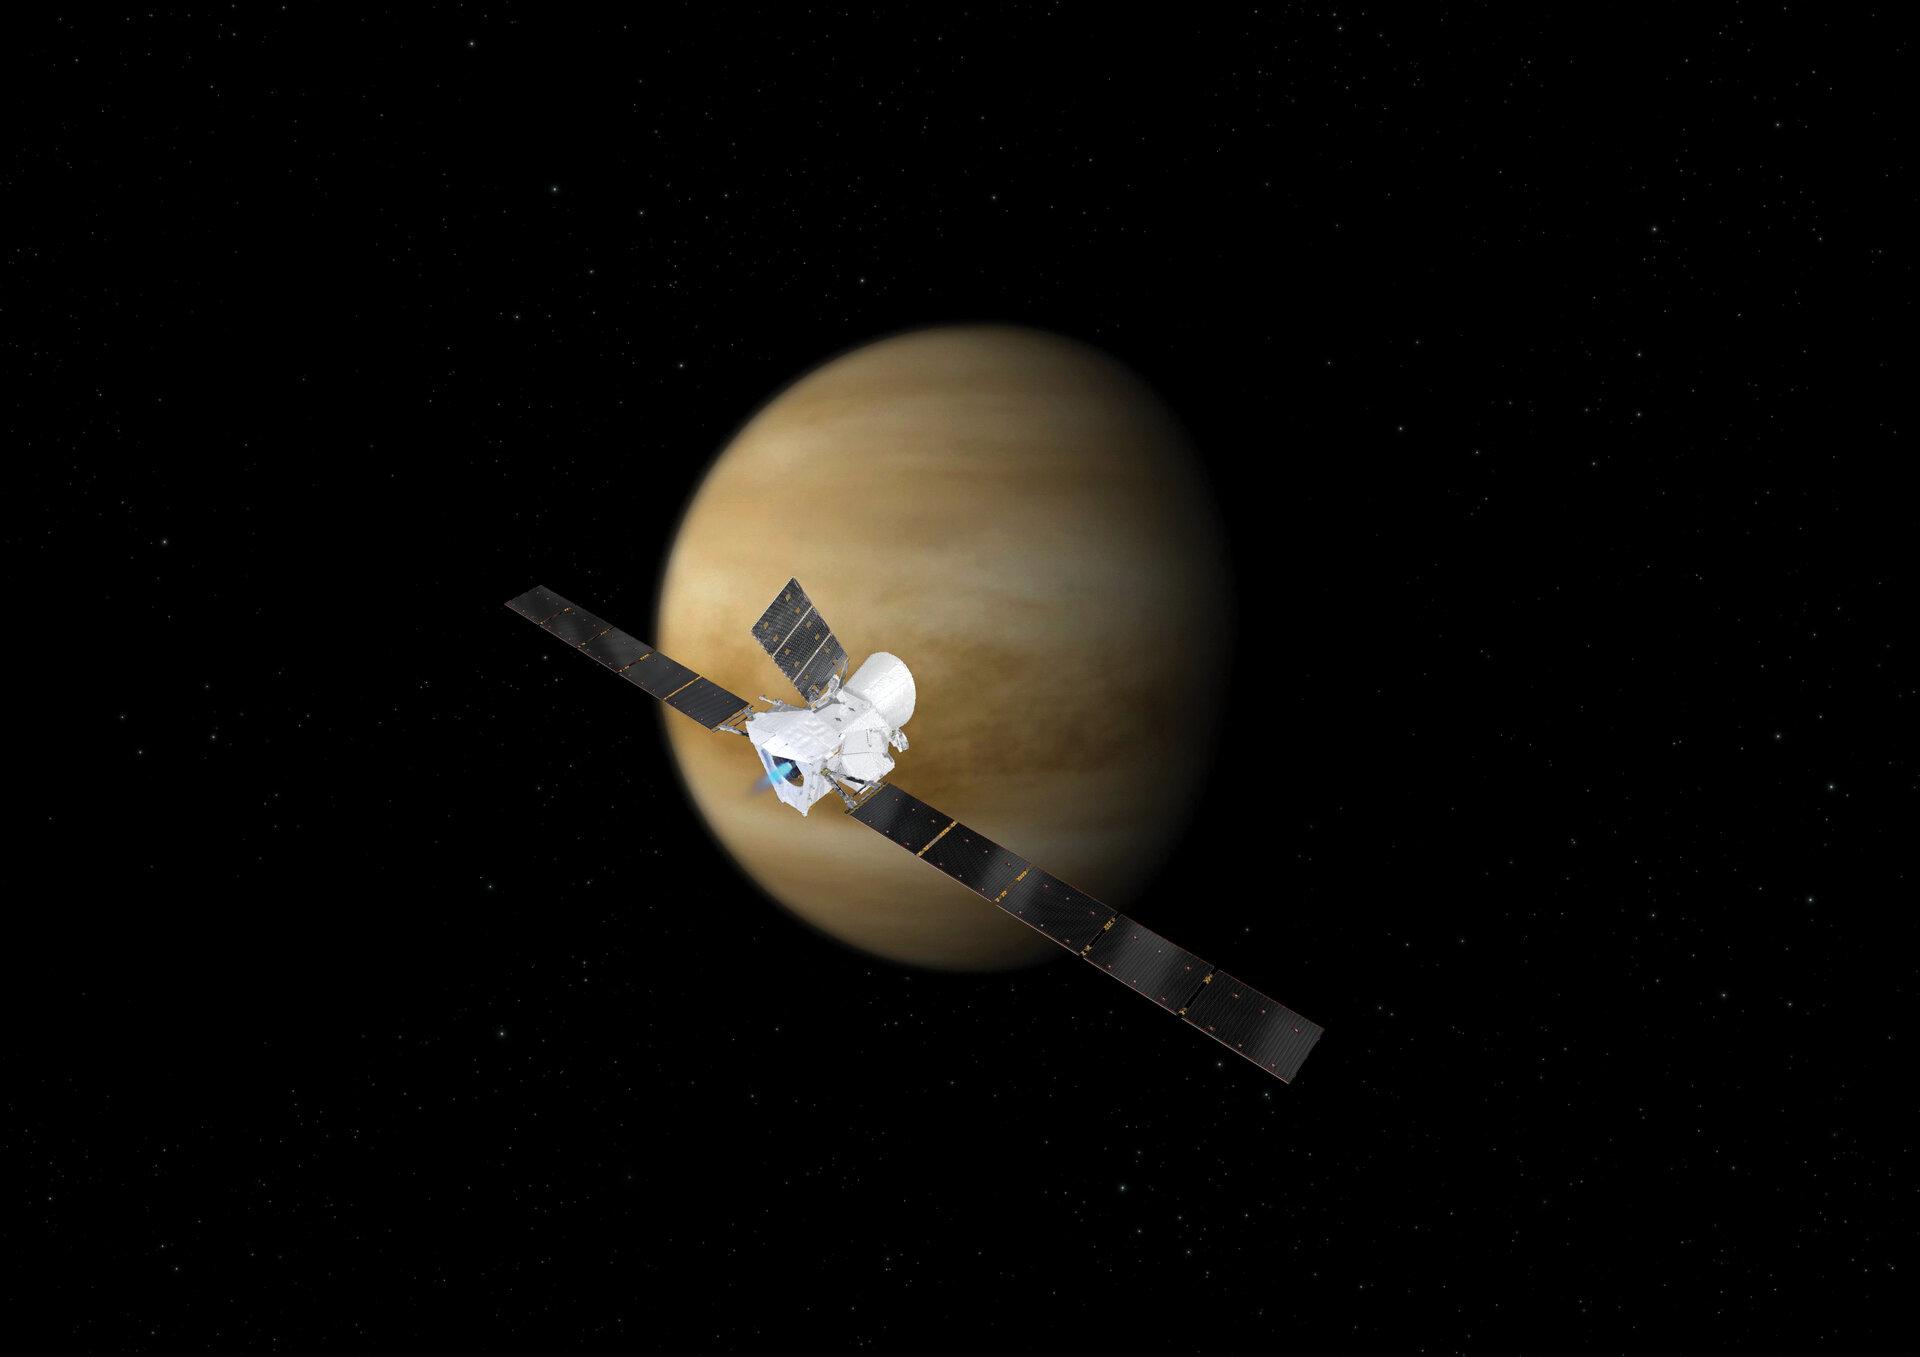 Mercury-bound spacecraft gets an assist from Venus